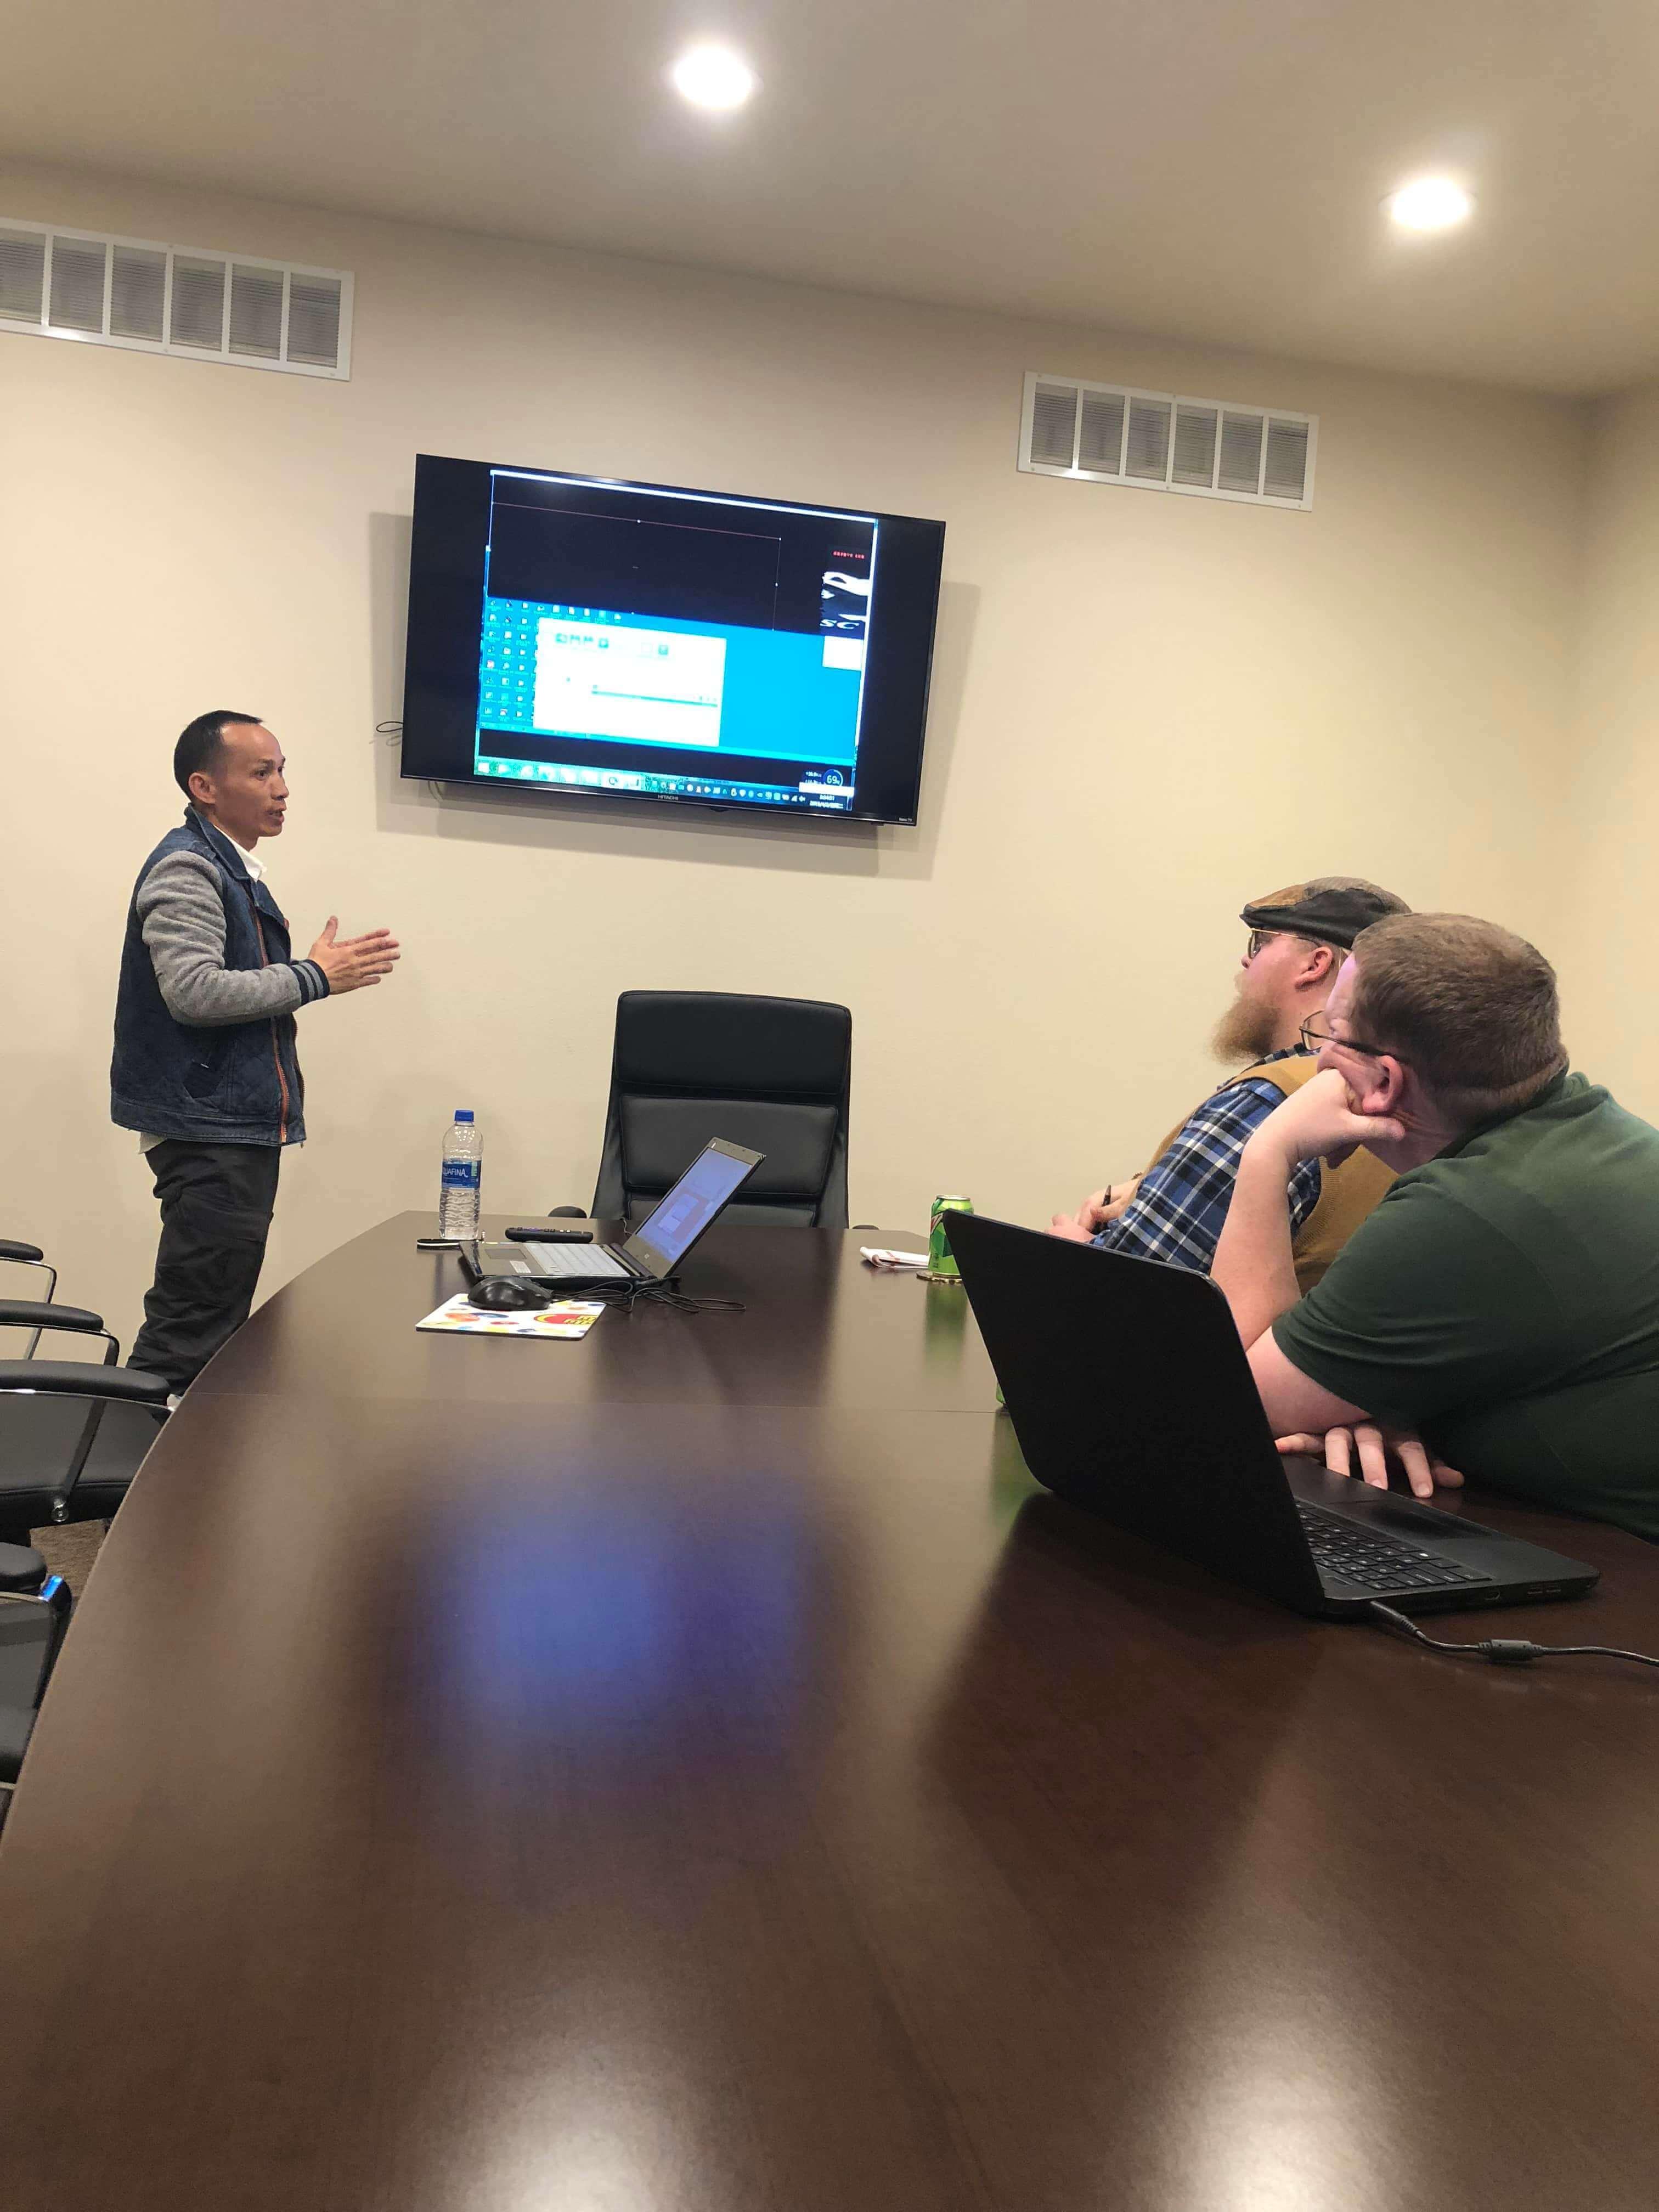 Учебный курс на сайте в Рексбурге, штат Айдахо, США